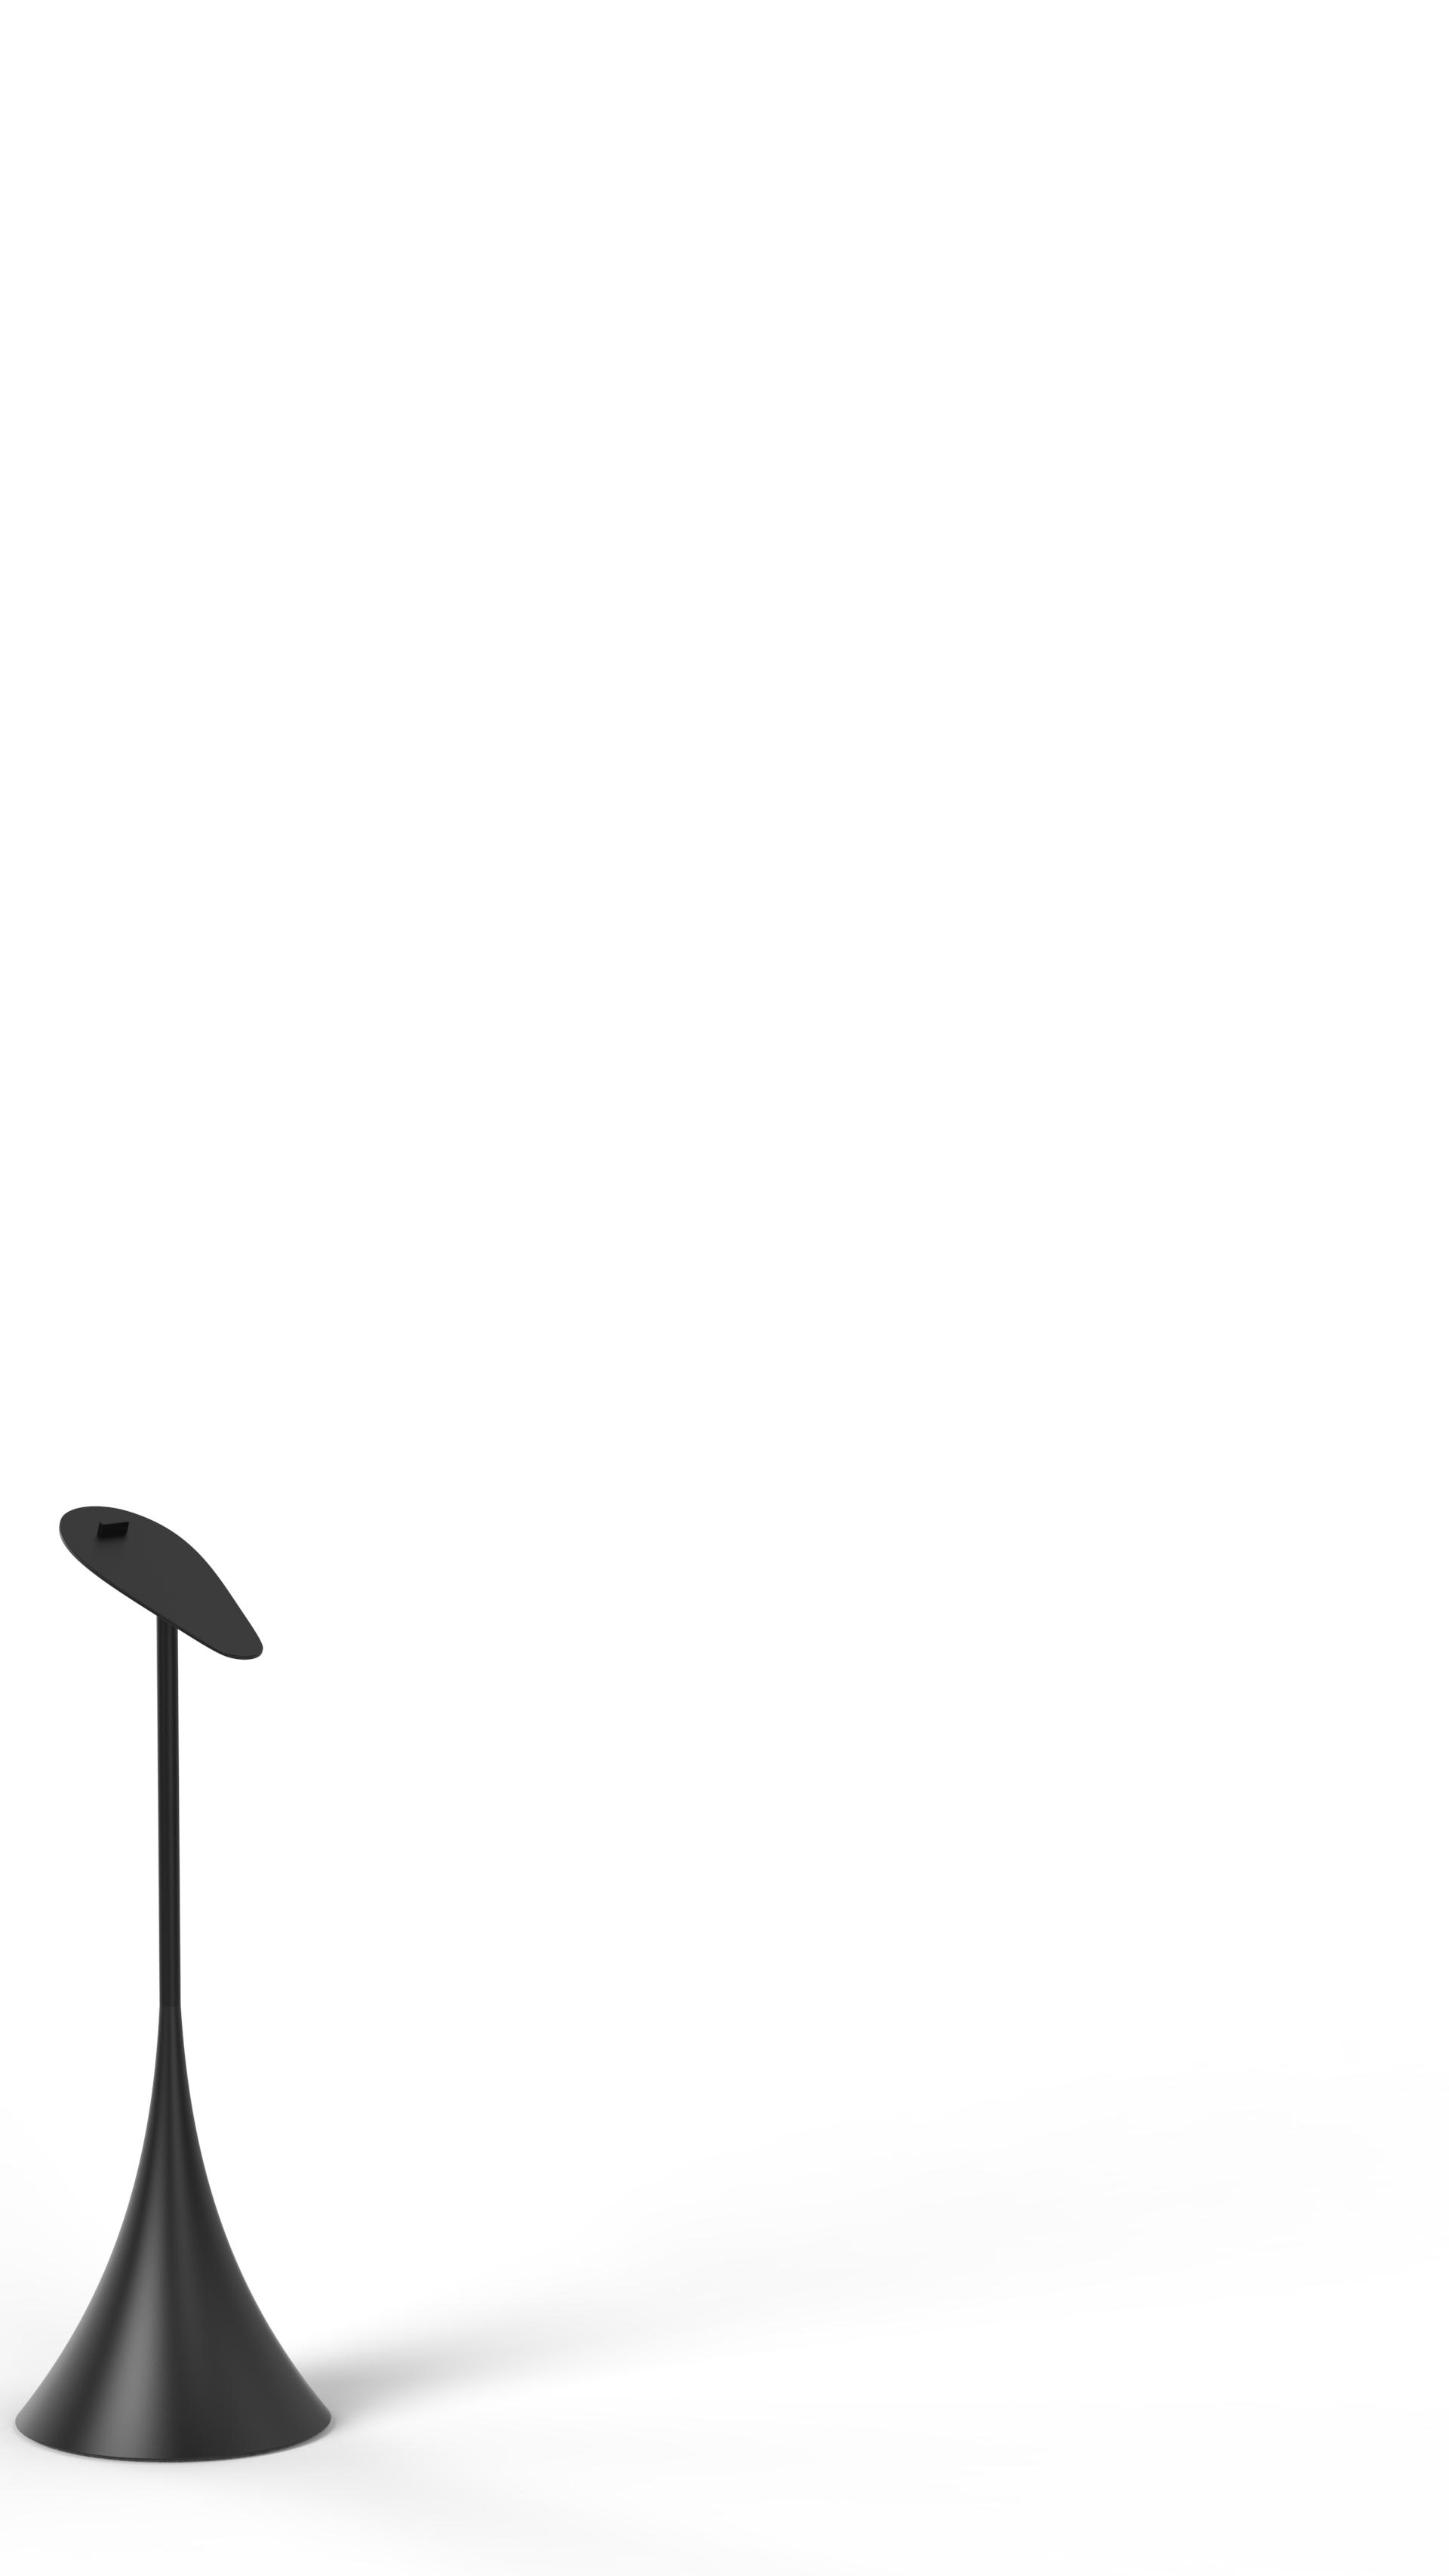 AUSPC40 Présentoir pour chaussure SAINT-HONORÉ PARIS